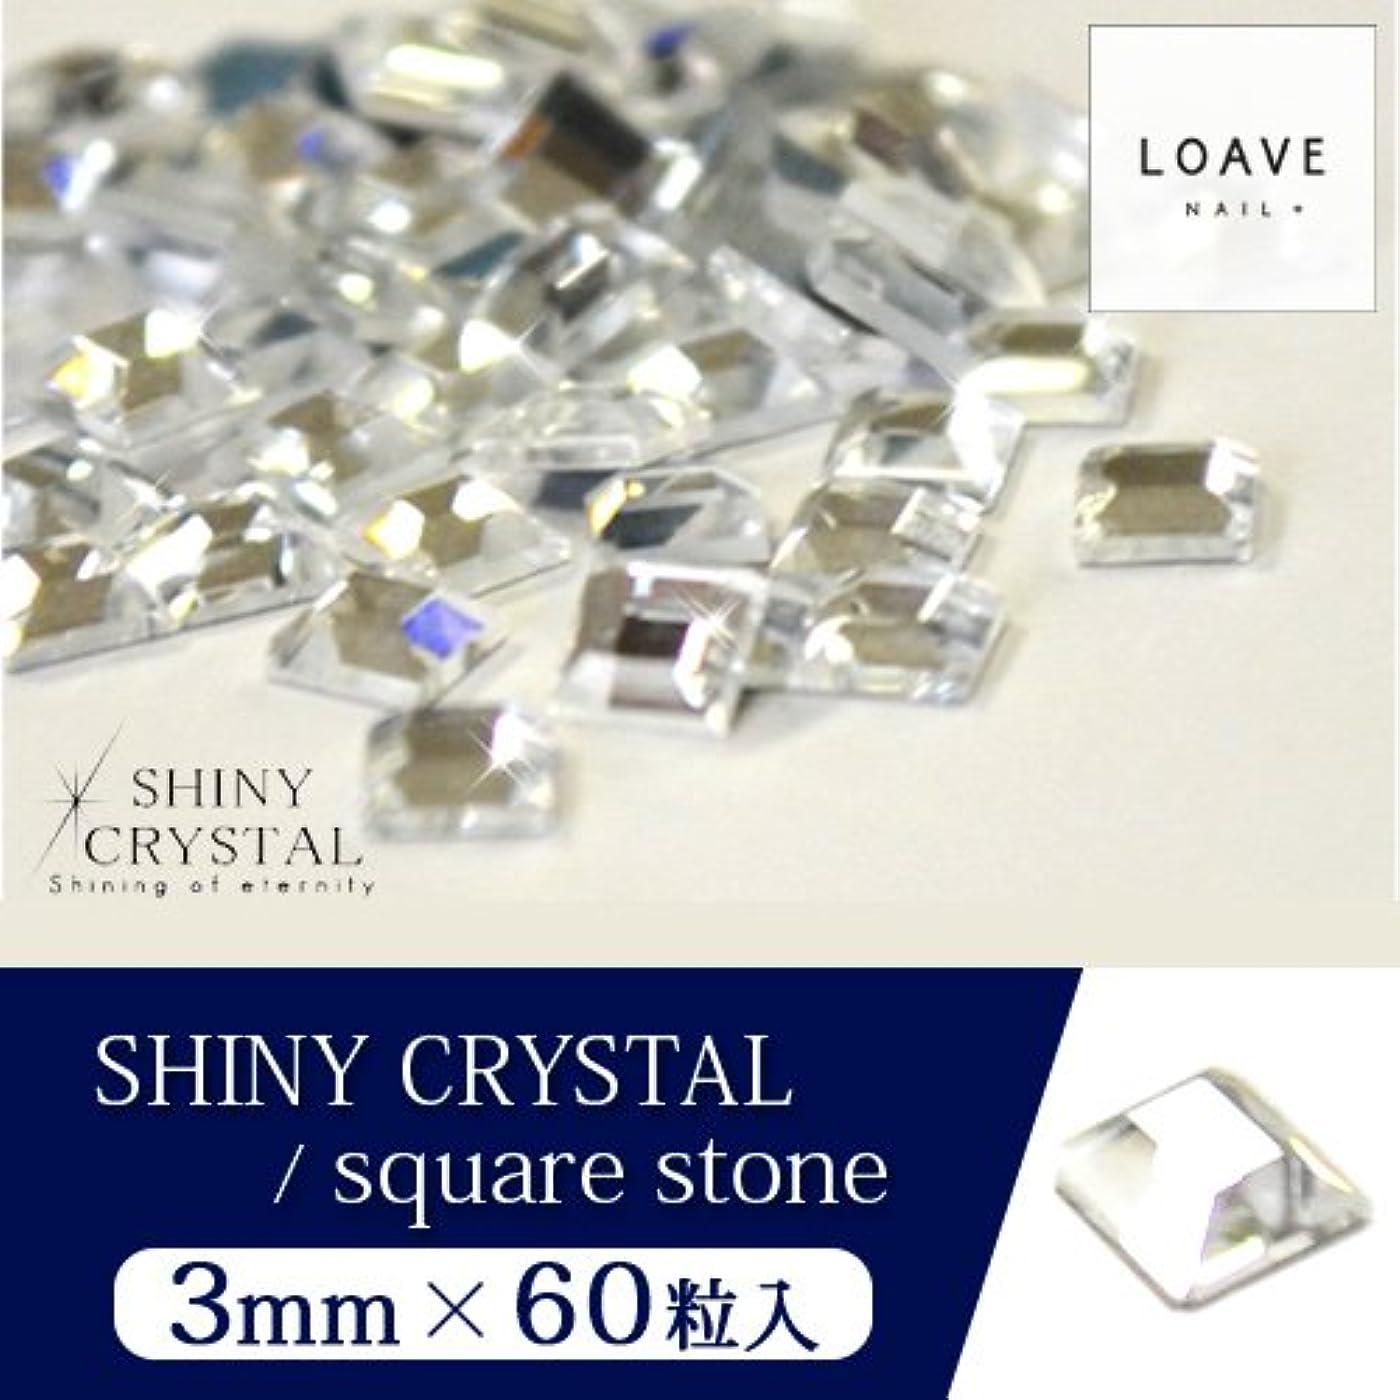 嫌なかごシャイニークリスタル(SHINY CRYSTAL) ラインストーン 「スクエア クリスタル 3mm」 スワロフスキーに限りなく近い輝き!